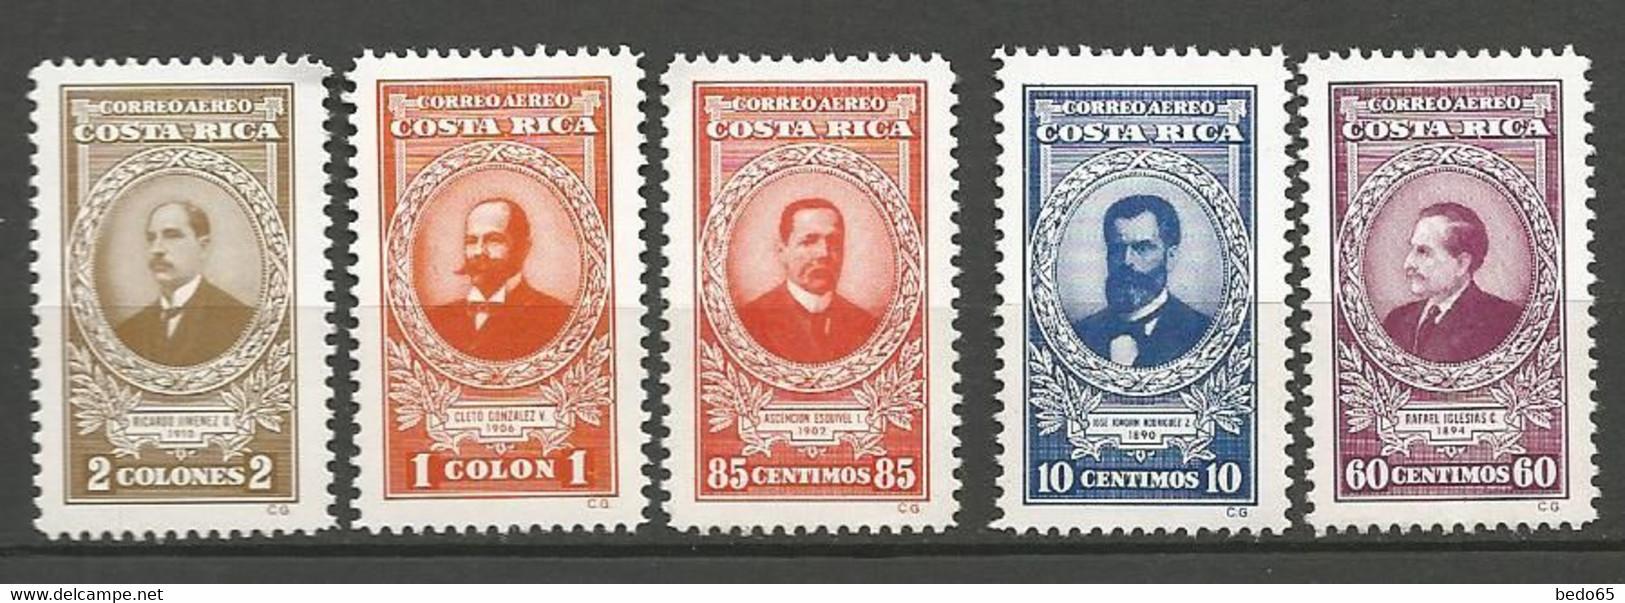 COSTA RICA PA Yvert N° 750 à 754 NEUF** SANS CHARNIERE / MNH - Costa Rica